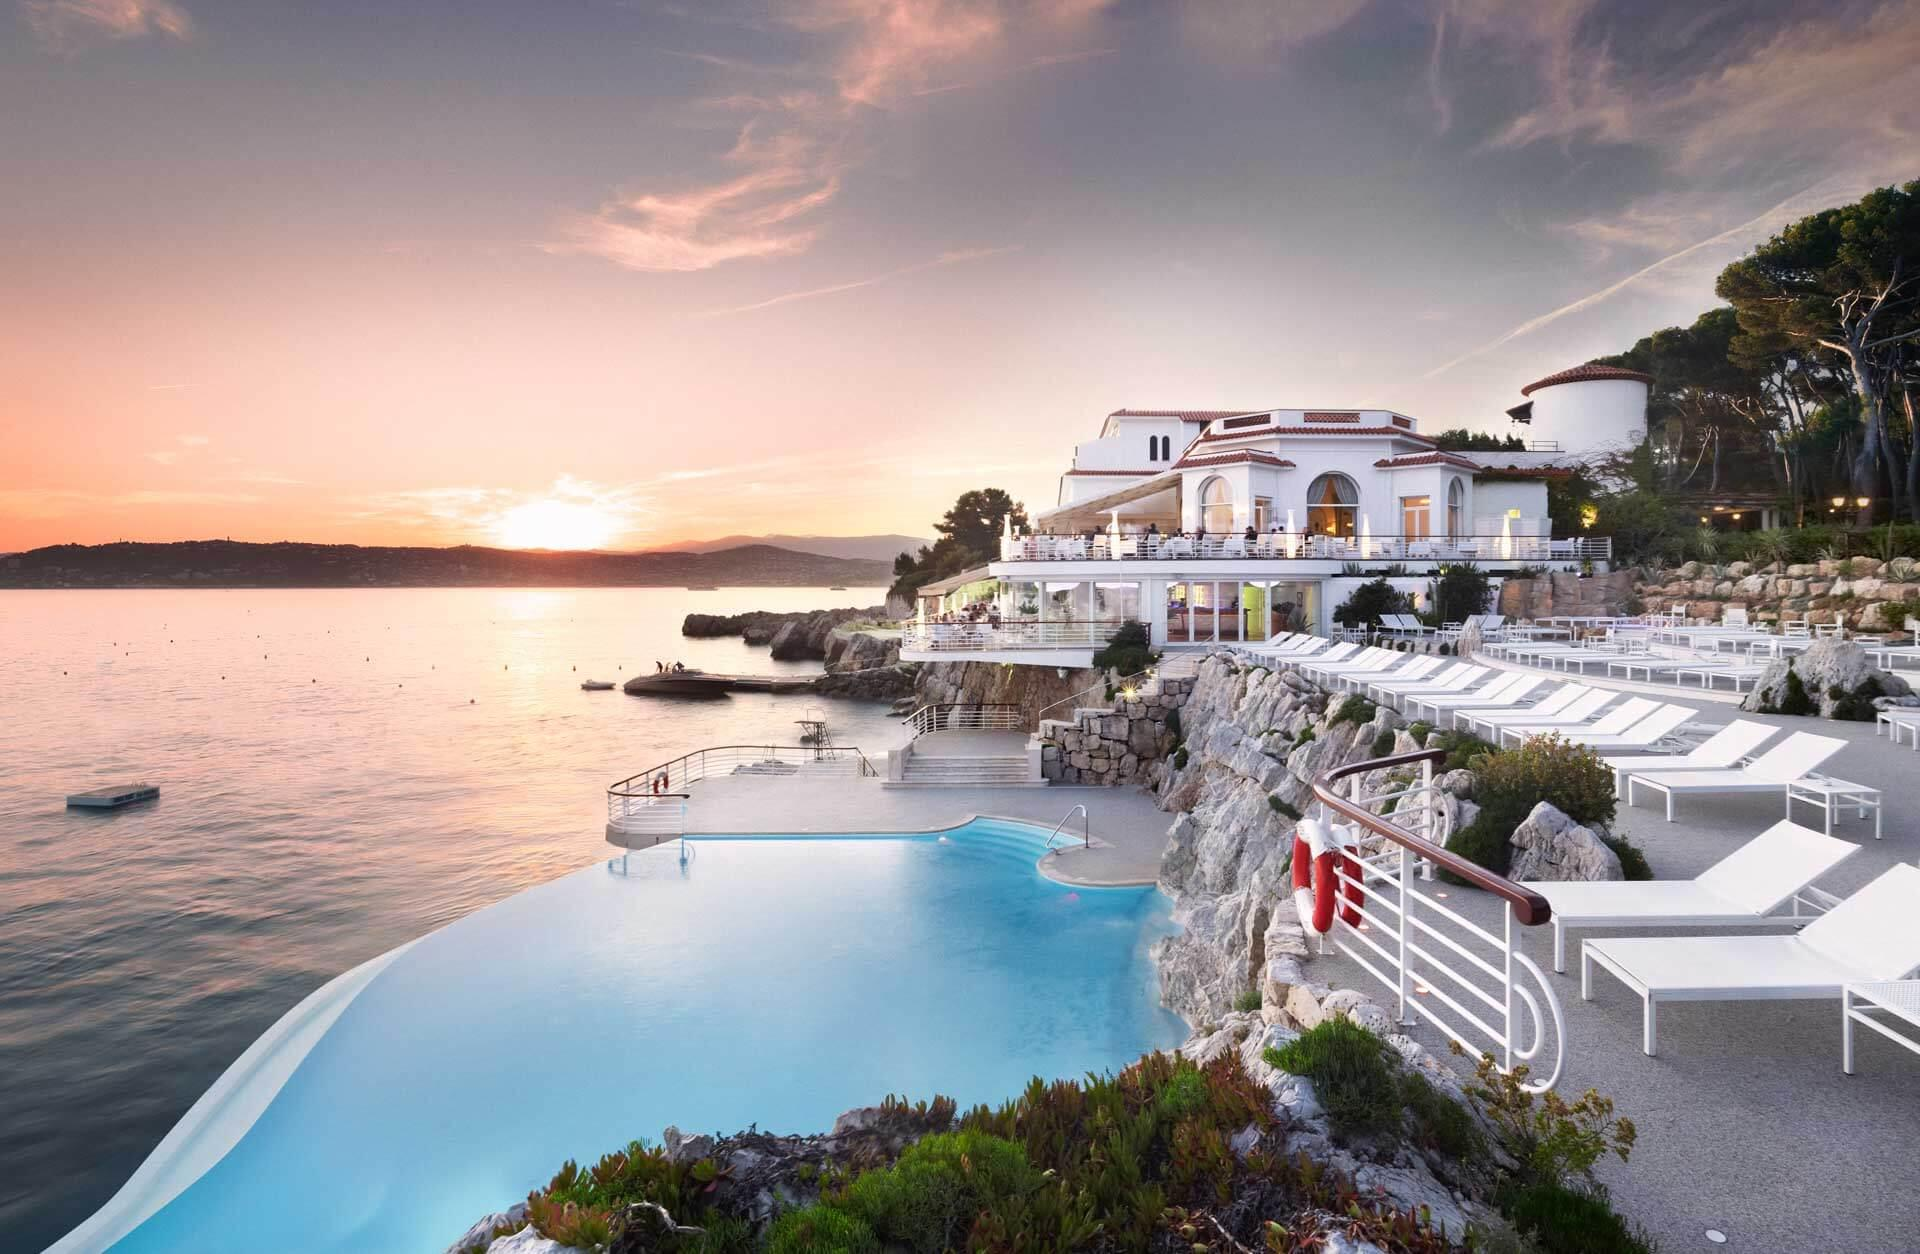 Coucher de soleil sur la piscine de l'Hôtel du Cap Eden Roc © DR